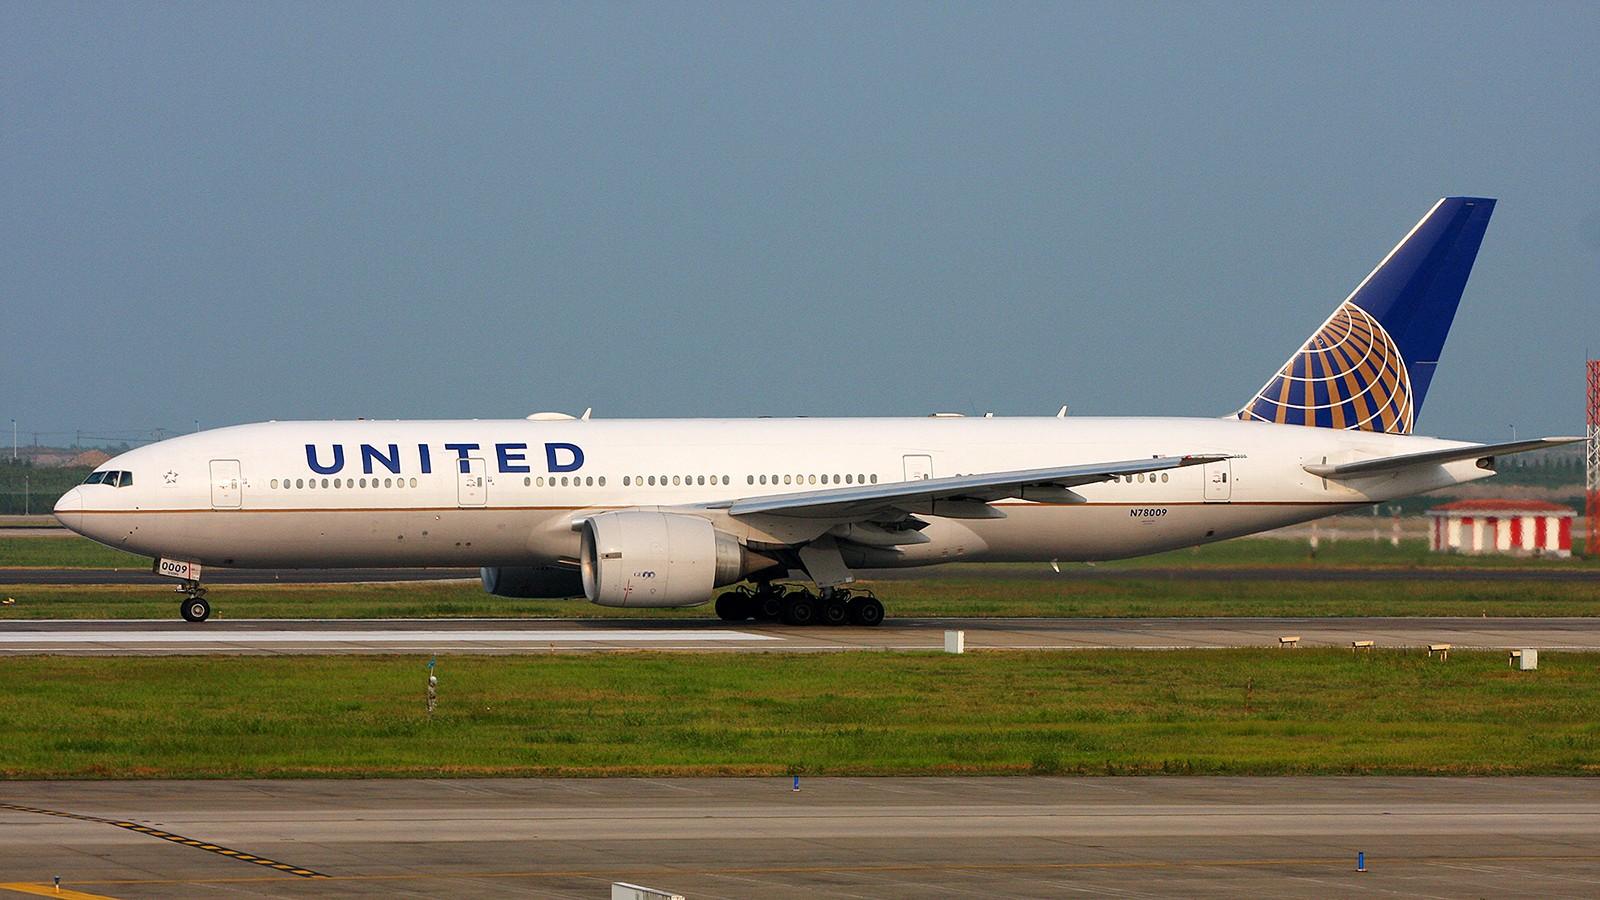 Re:[原创]天气欠佳,深入PVG,34端拍机 BOEING 777-200ER N78009 中国上海浦东国际机场